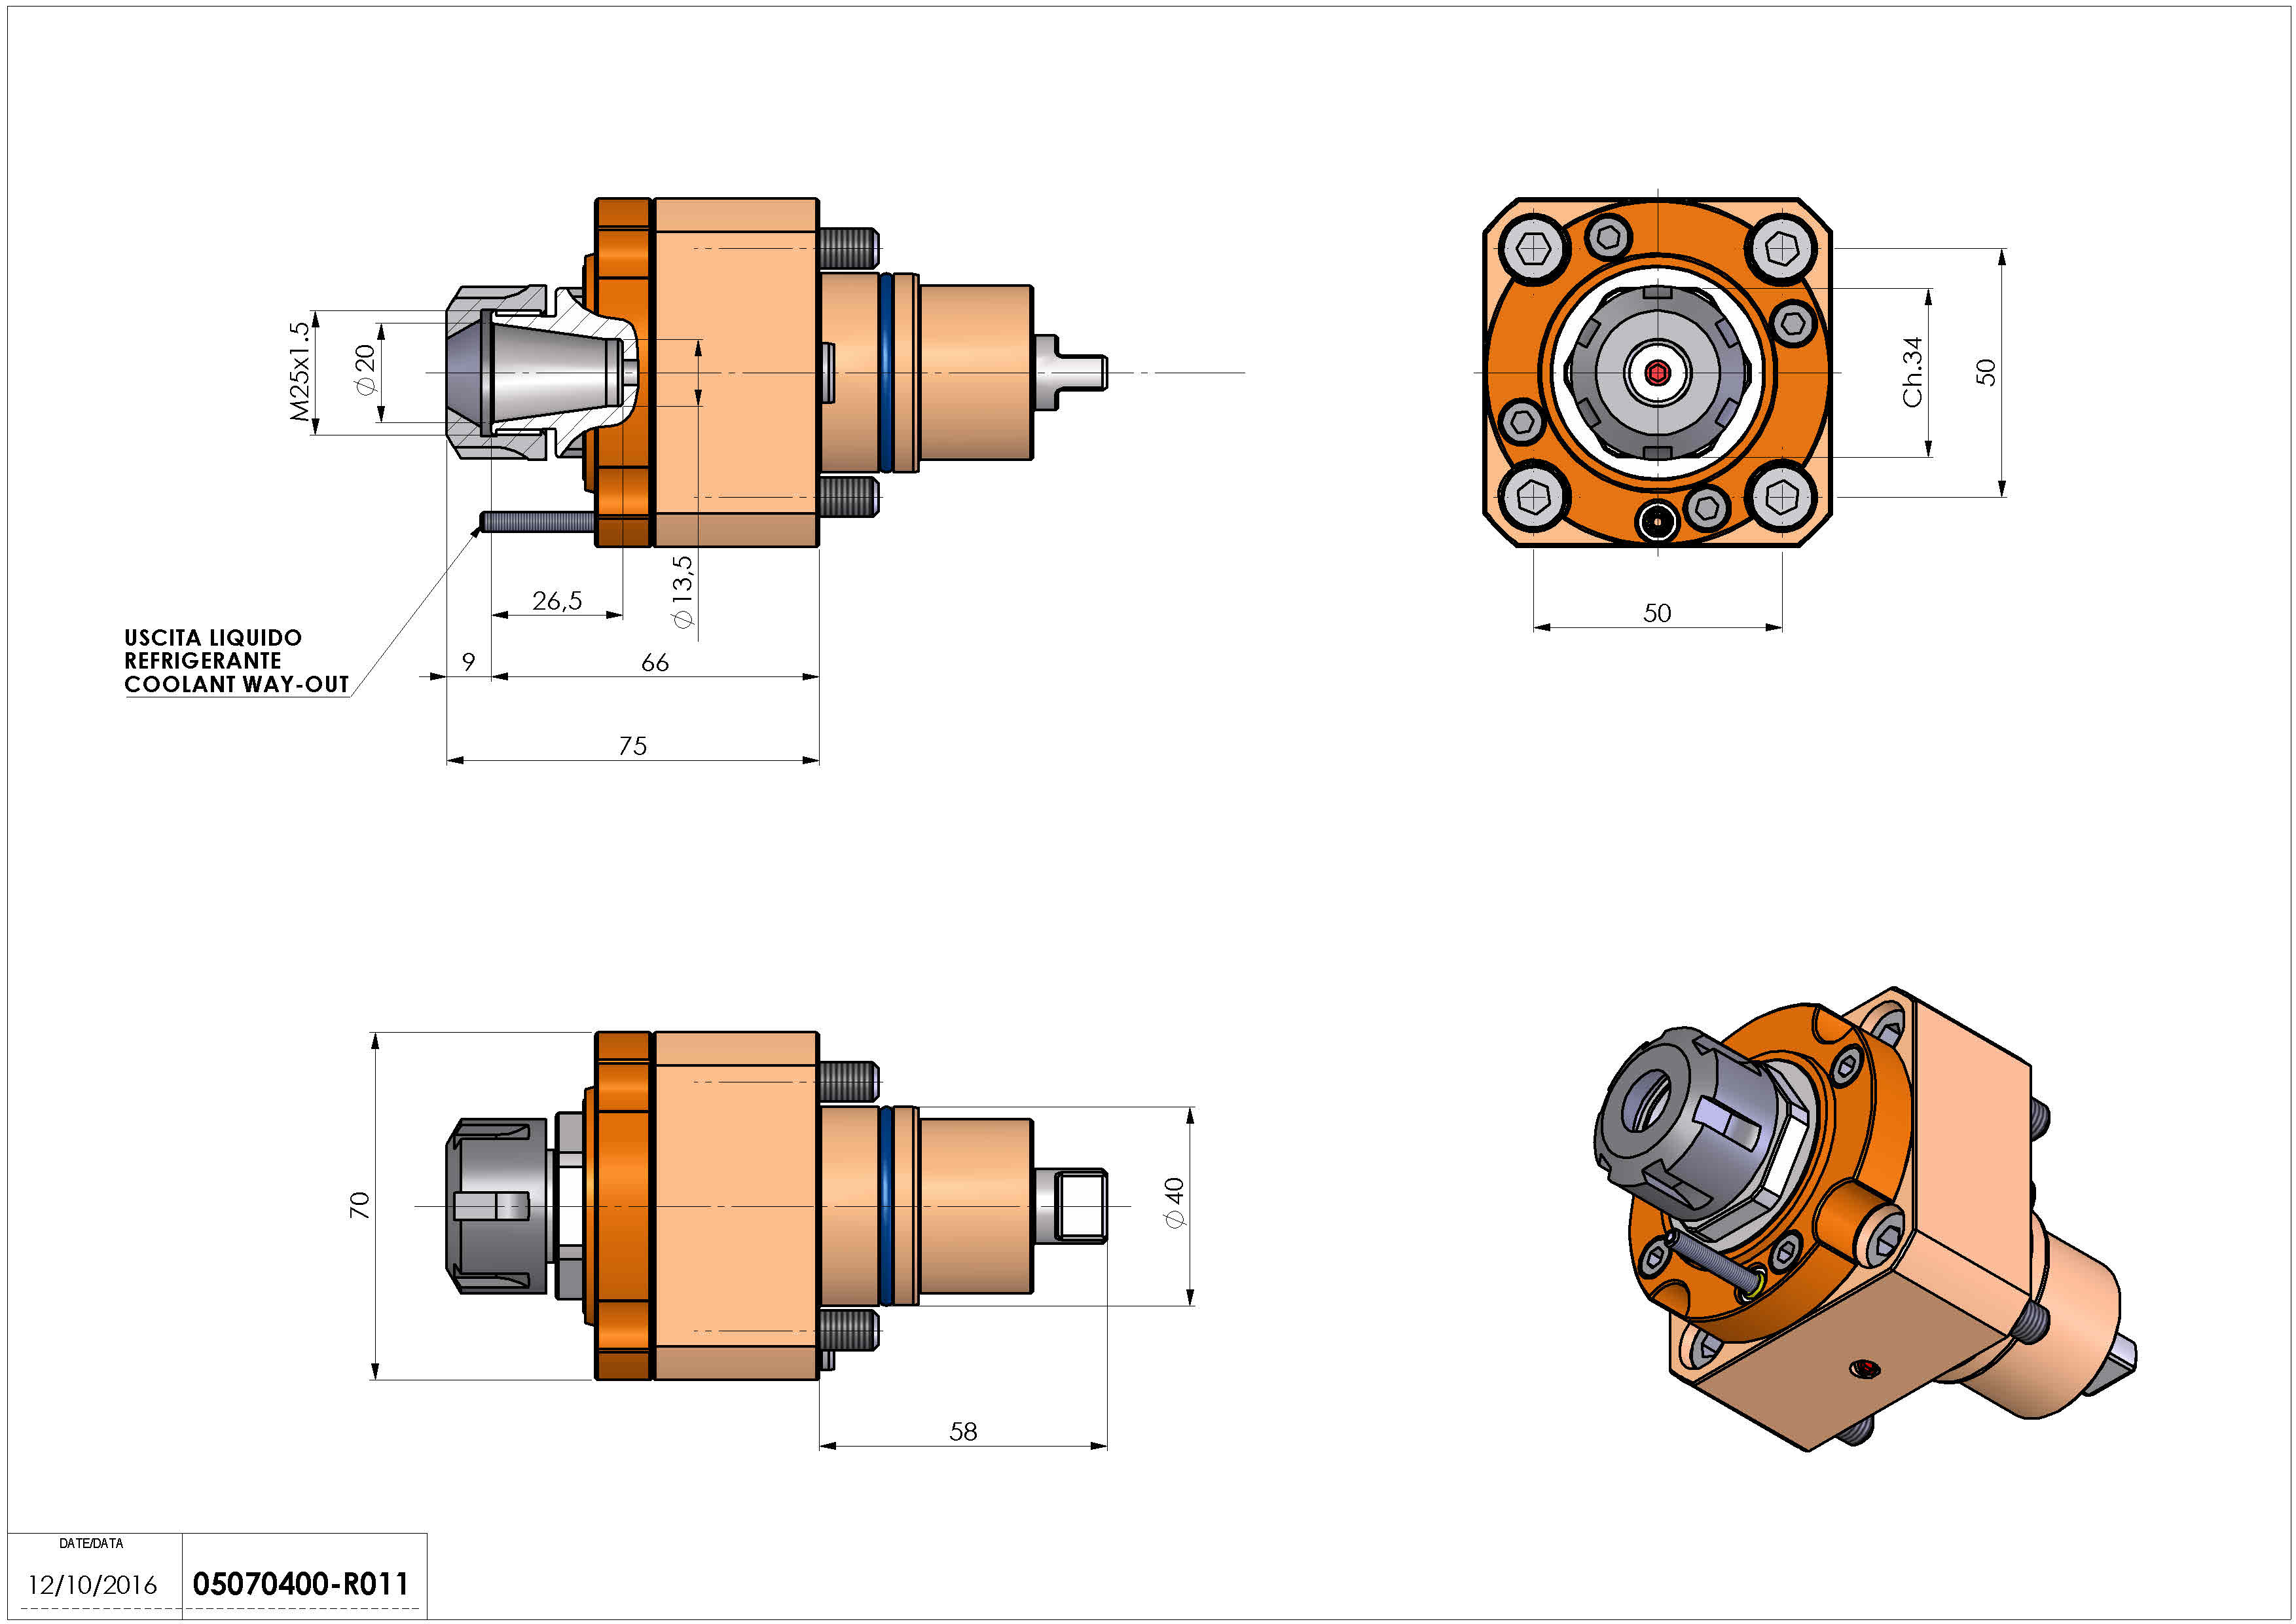 Technical image - LT-S D40 ER20 H75 BI.